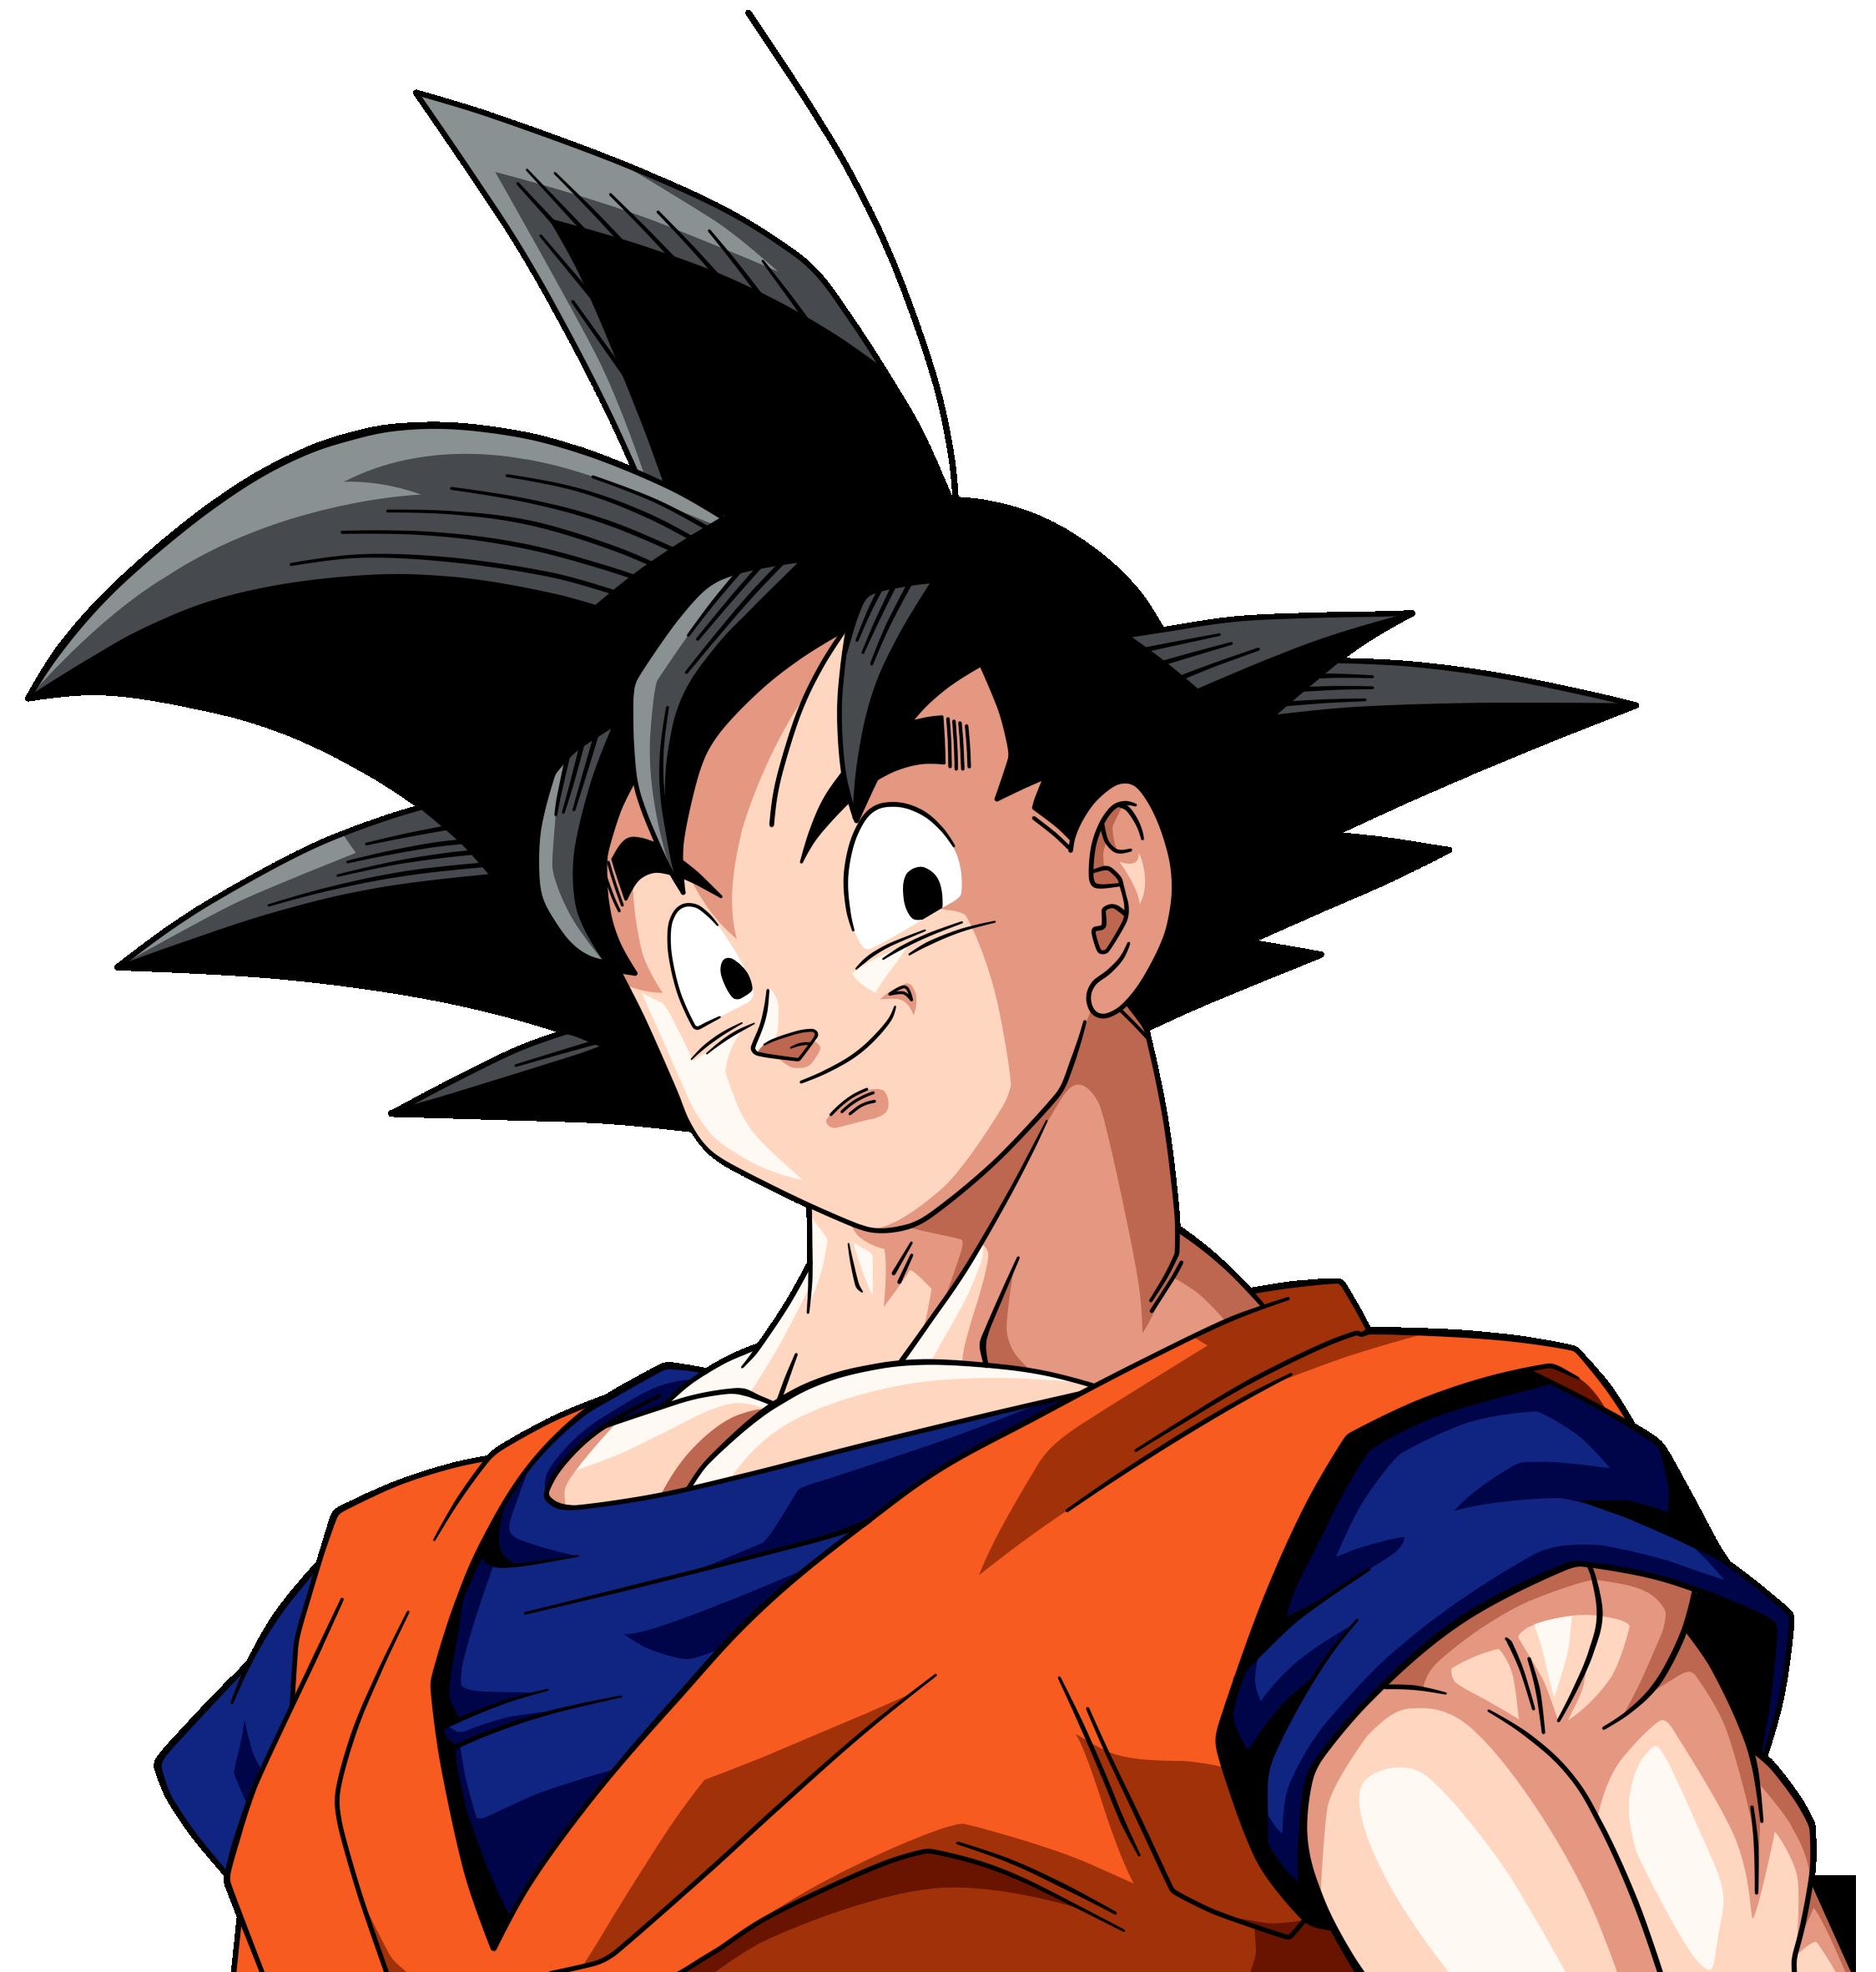 Goku es la persona que marco mi infancia  como la de muchosGoku